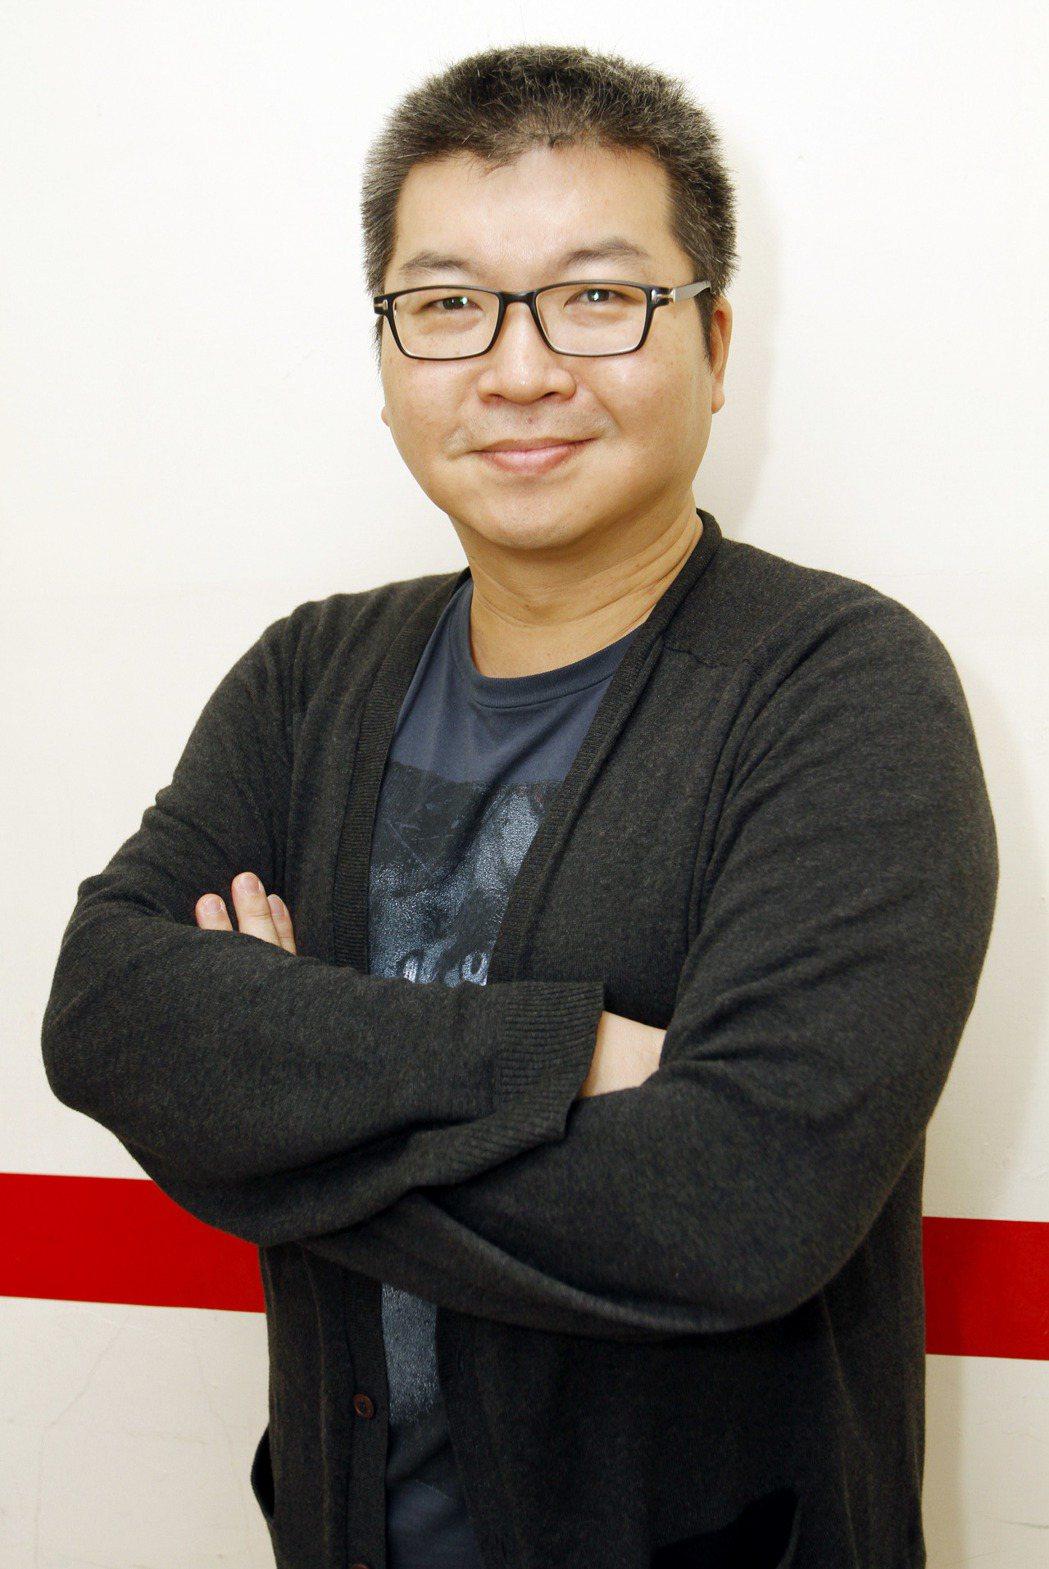 美食達人徐天麟將帶吃香港私房美食。圖/報系資料照